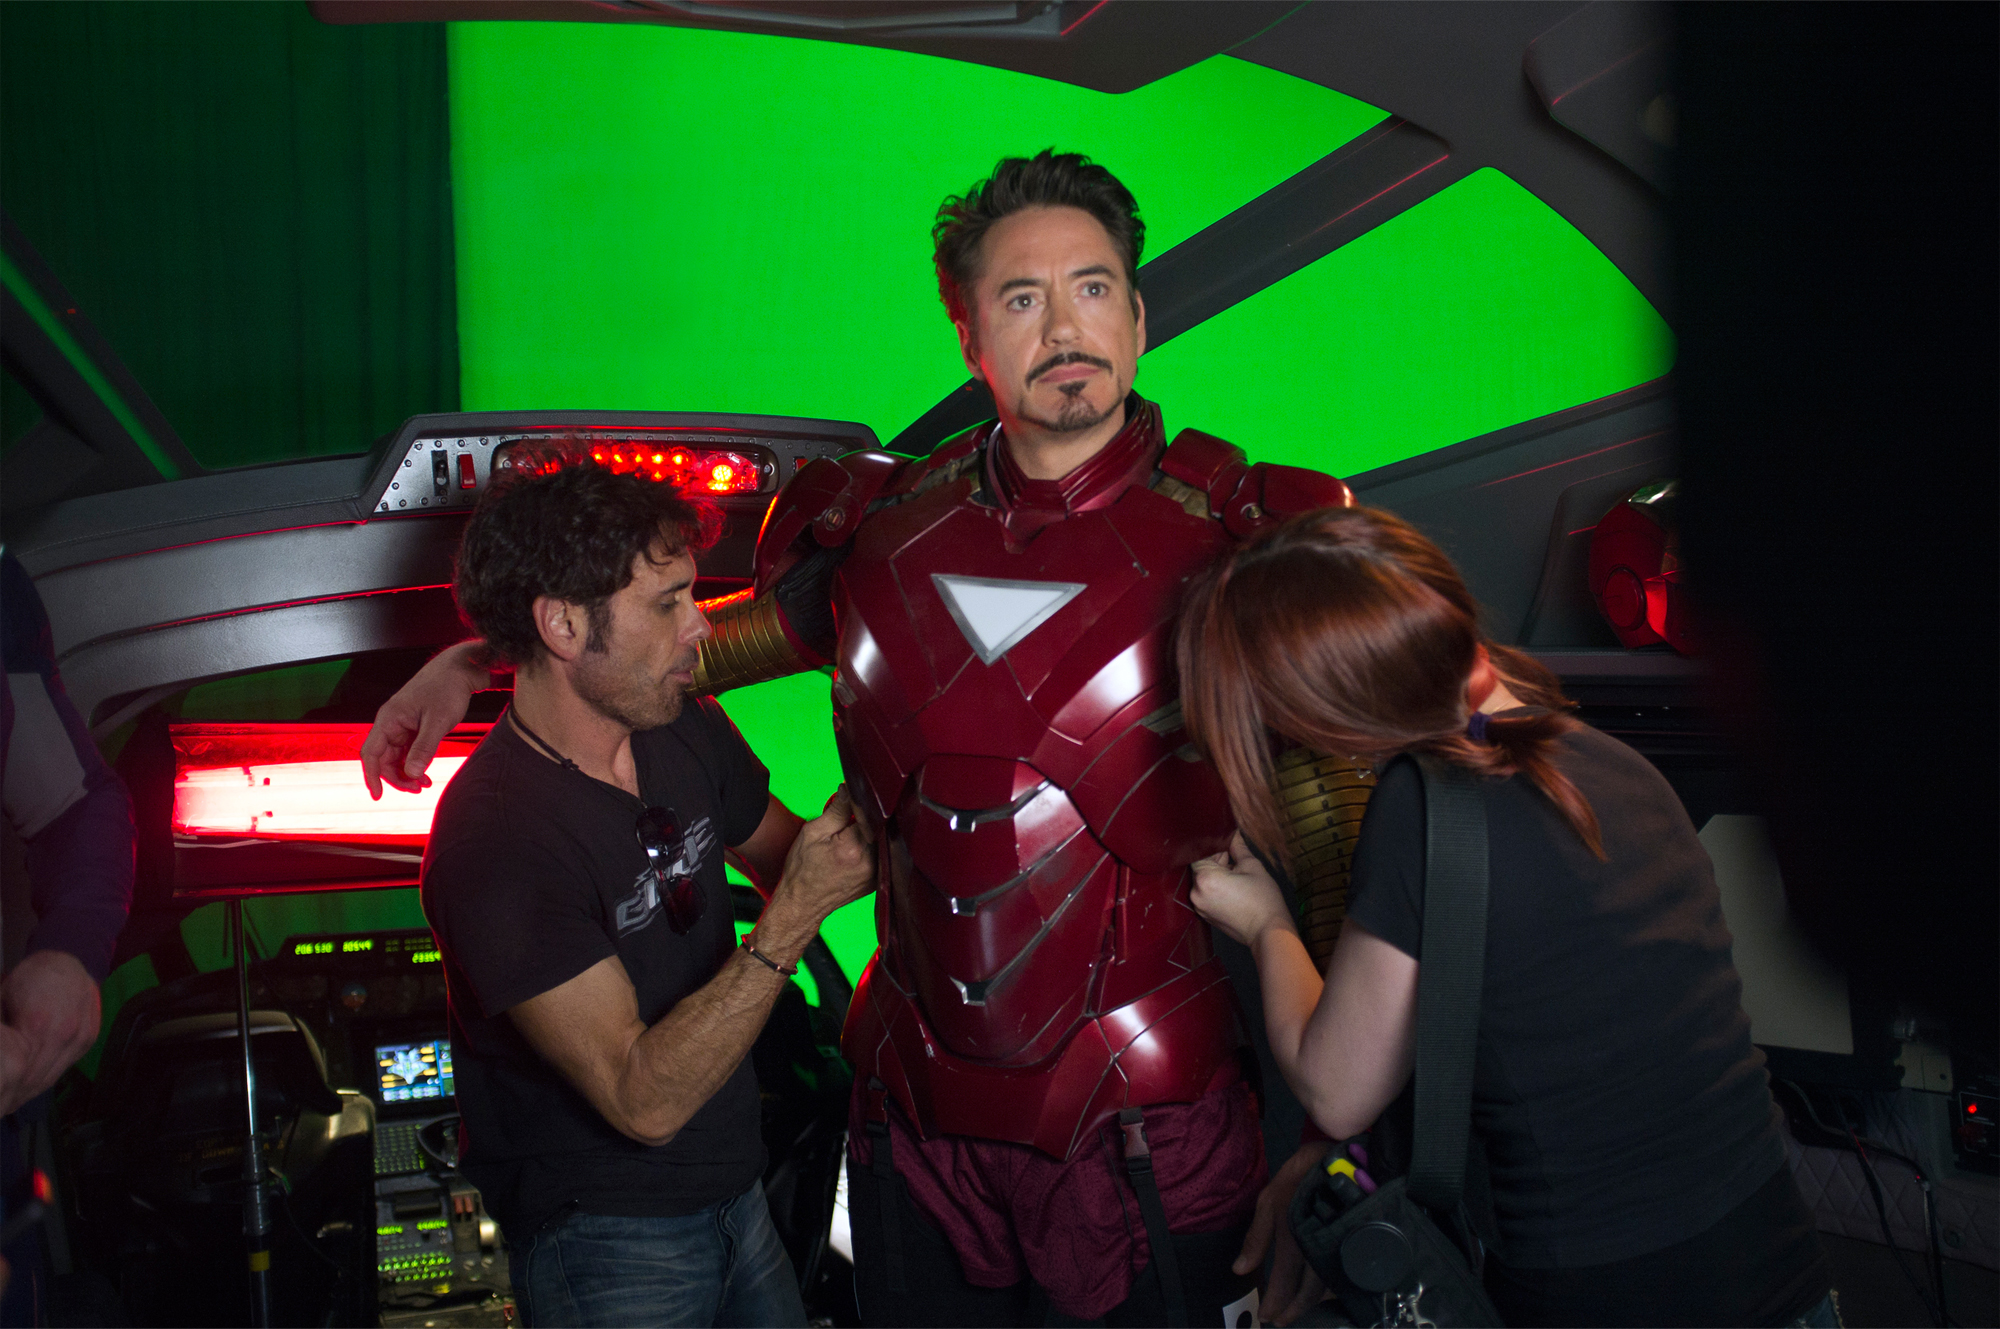 10 Years of Iron Man Suiting Up Compilation : マーベルの10年間の集大成の「アベンジャーズ : エンドゲーム」の公開に向けて、アイアンマンのアーマーの進化を振り返った約7分半の装着シーンのコンピレーション・ビデオ ! !